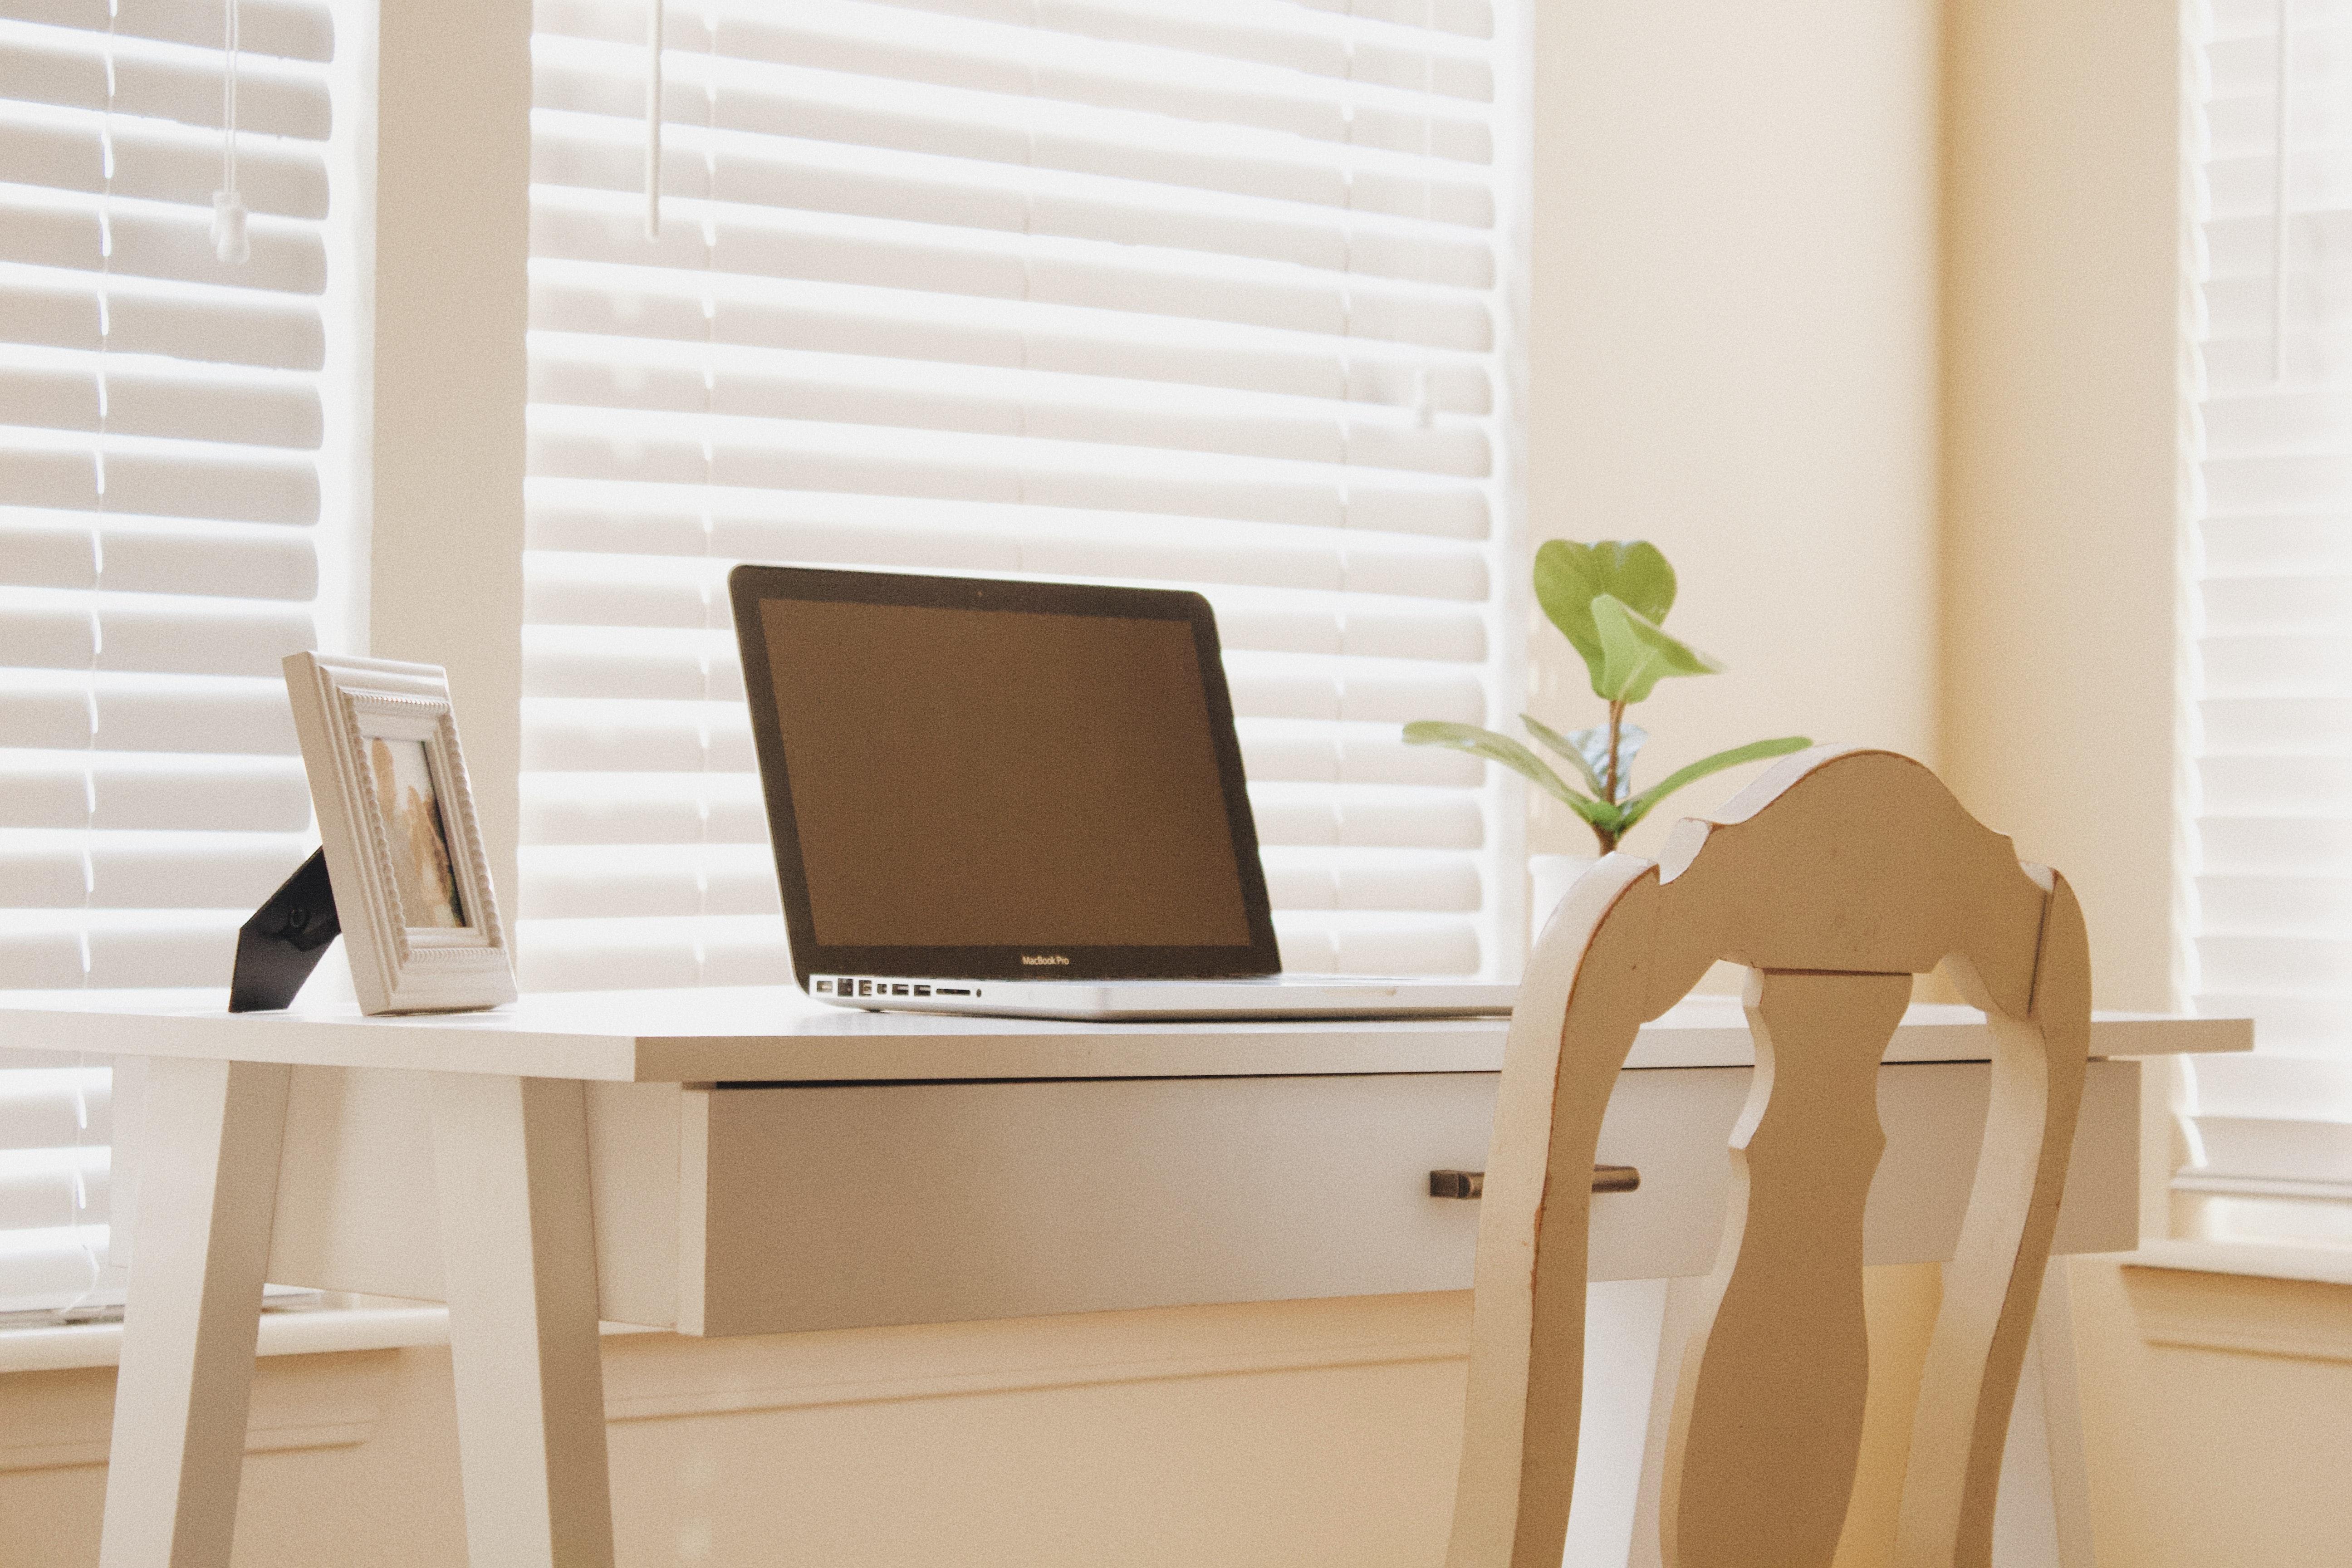 Comment s'aménager un espace idéal pour le télétravail ?